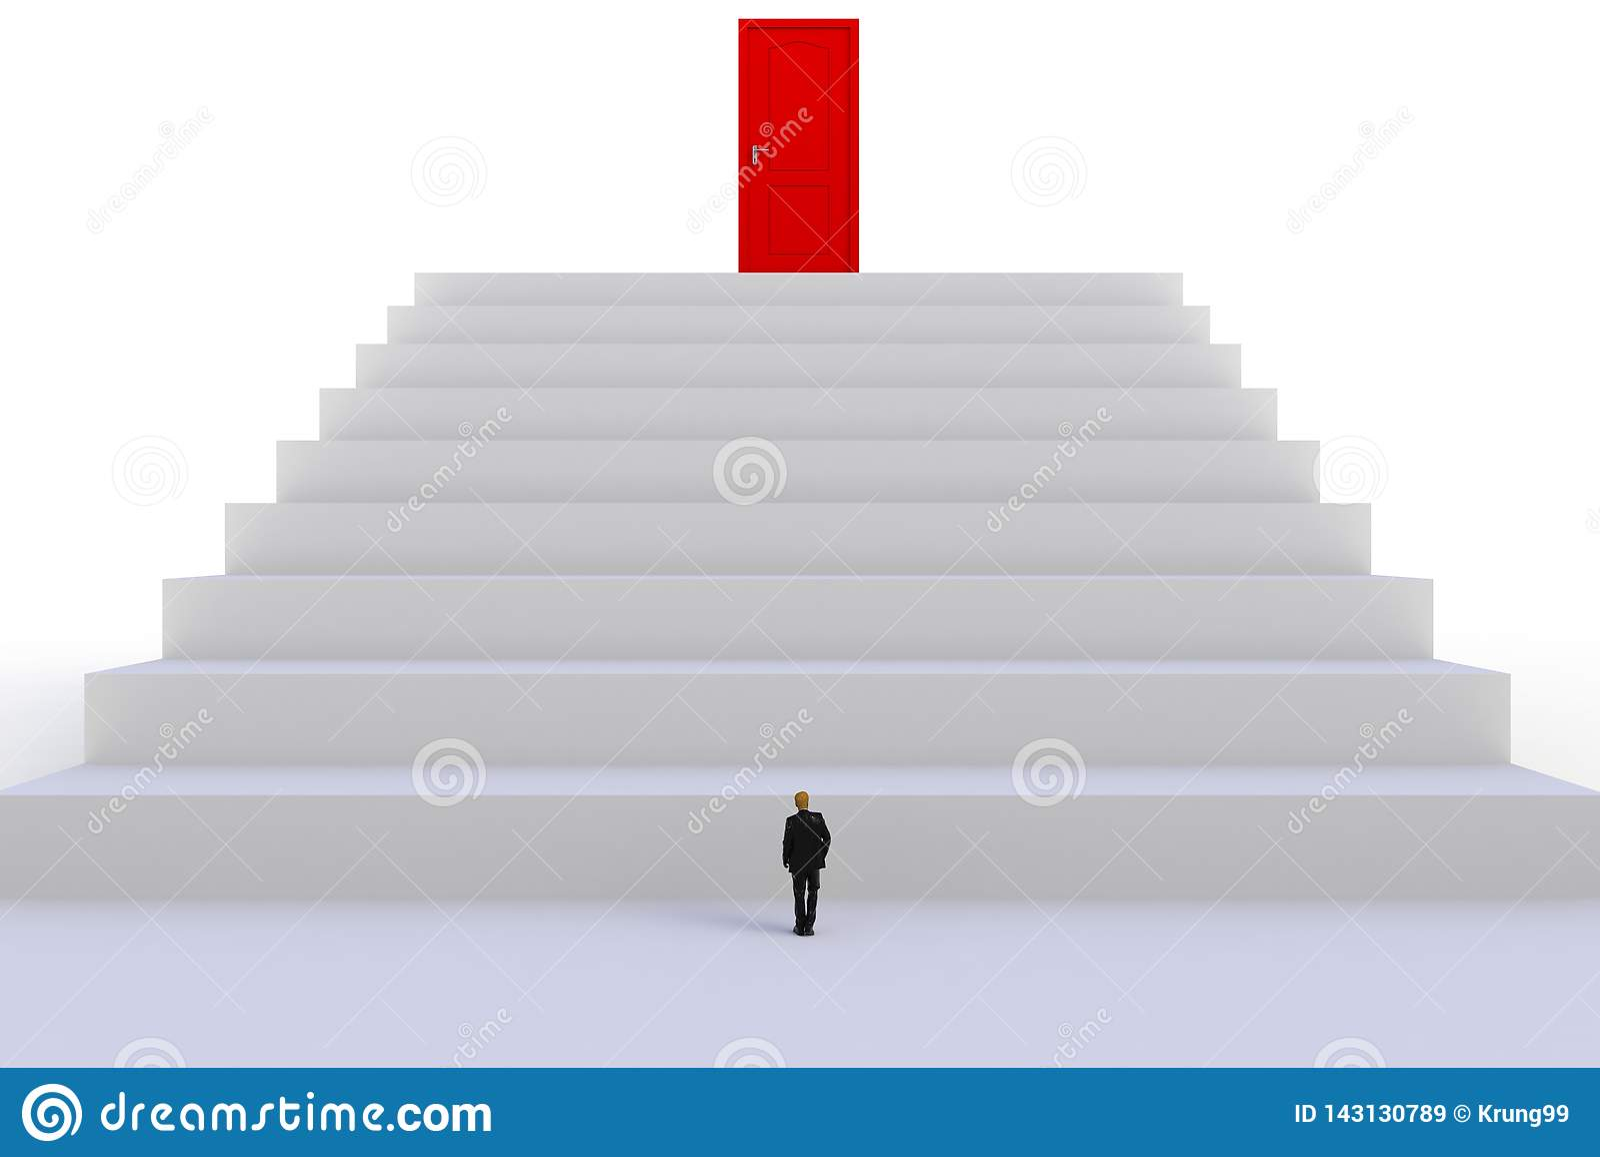 Έννοια επιτυχίας με τον επιχειρηματία, εικόνα του μικροσκοπικού επιχειρηματία που στέκεται μπροστά από την κόκκινη πόρτα στο άσπρ